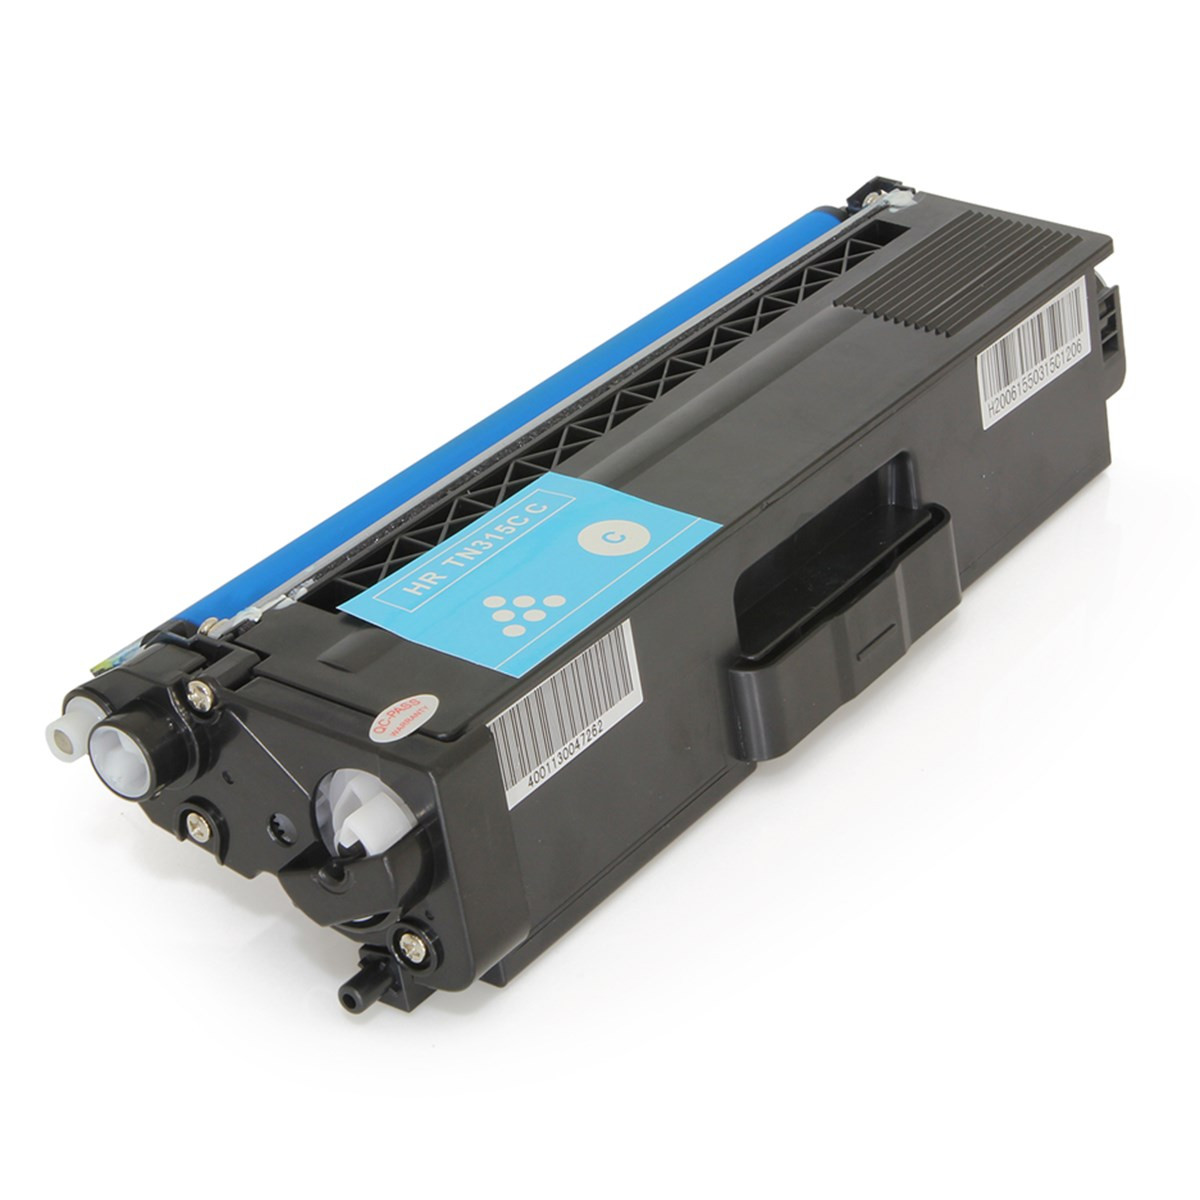 Toner Compatível com Brother TN329C TN329 Ciano   HL-L8350CDW HL-L8450CDW HL-L8250CDN   Importado 6k